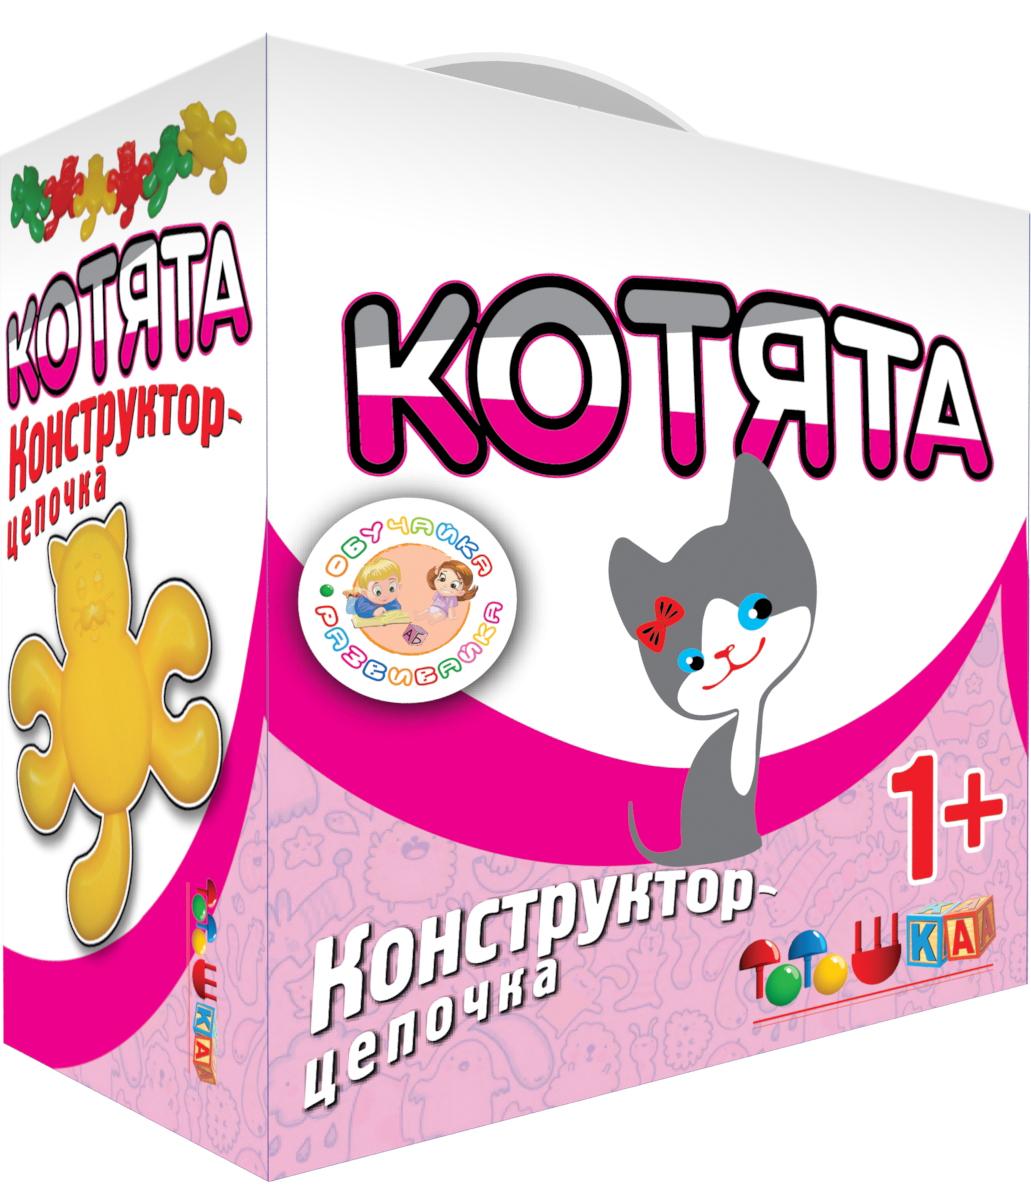 Тотошка Пластиковый конструктор-цепочка Котятатт00-063